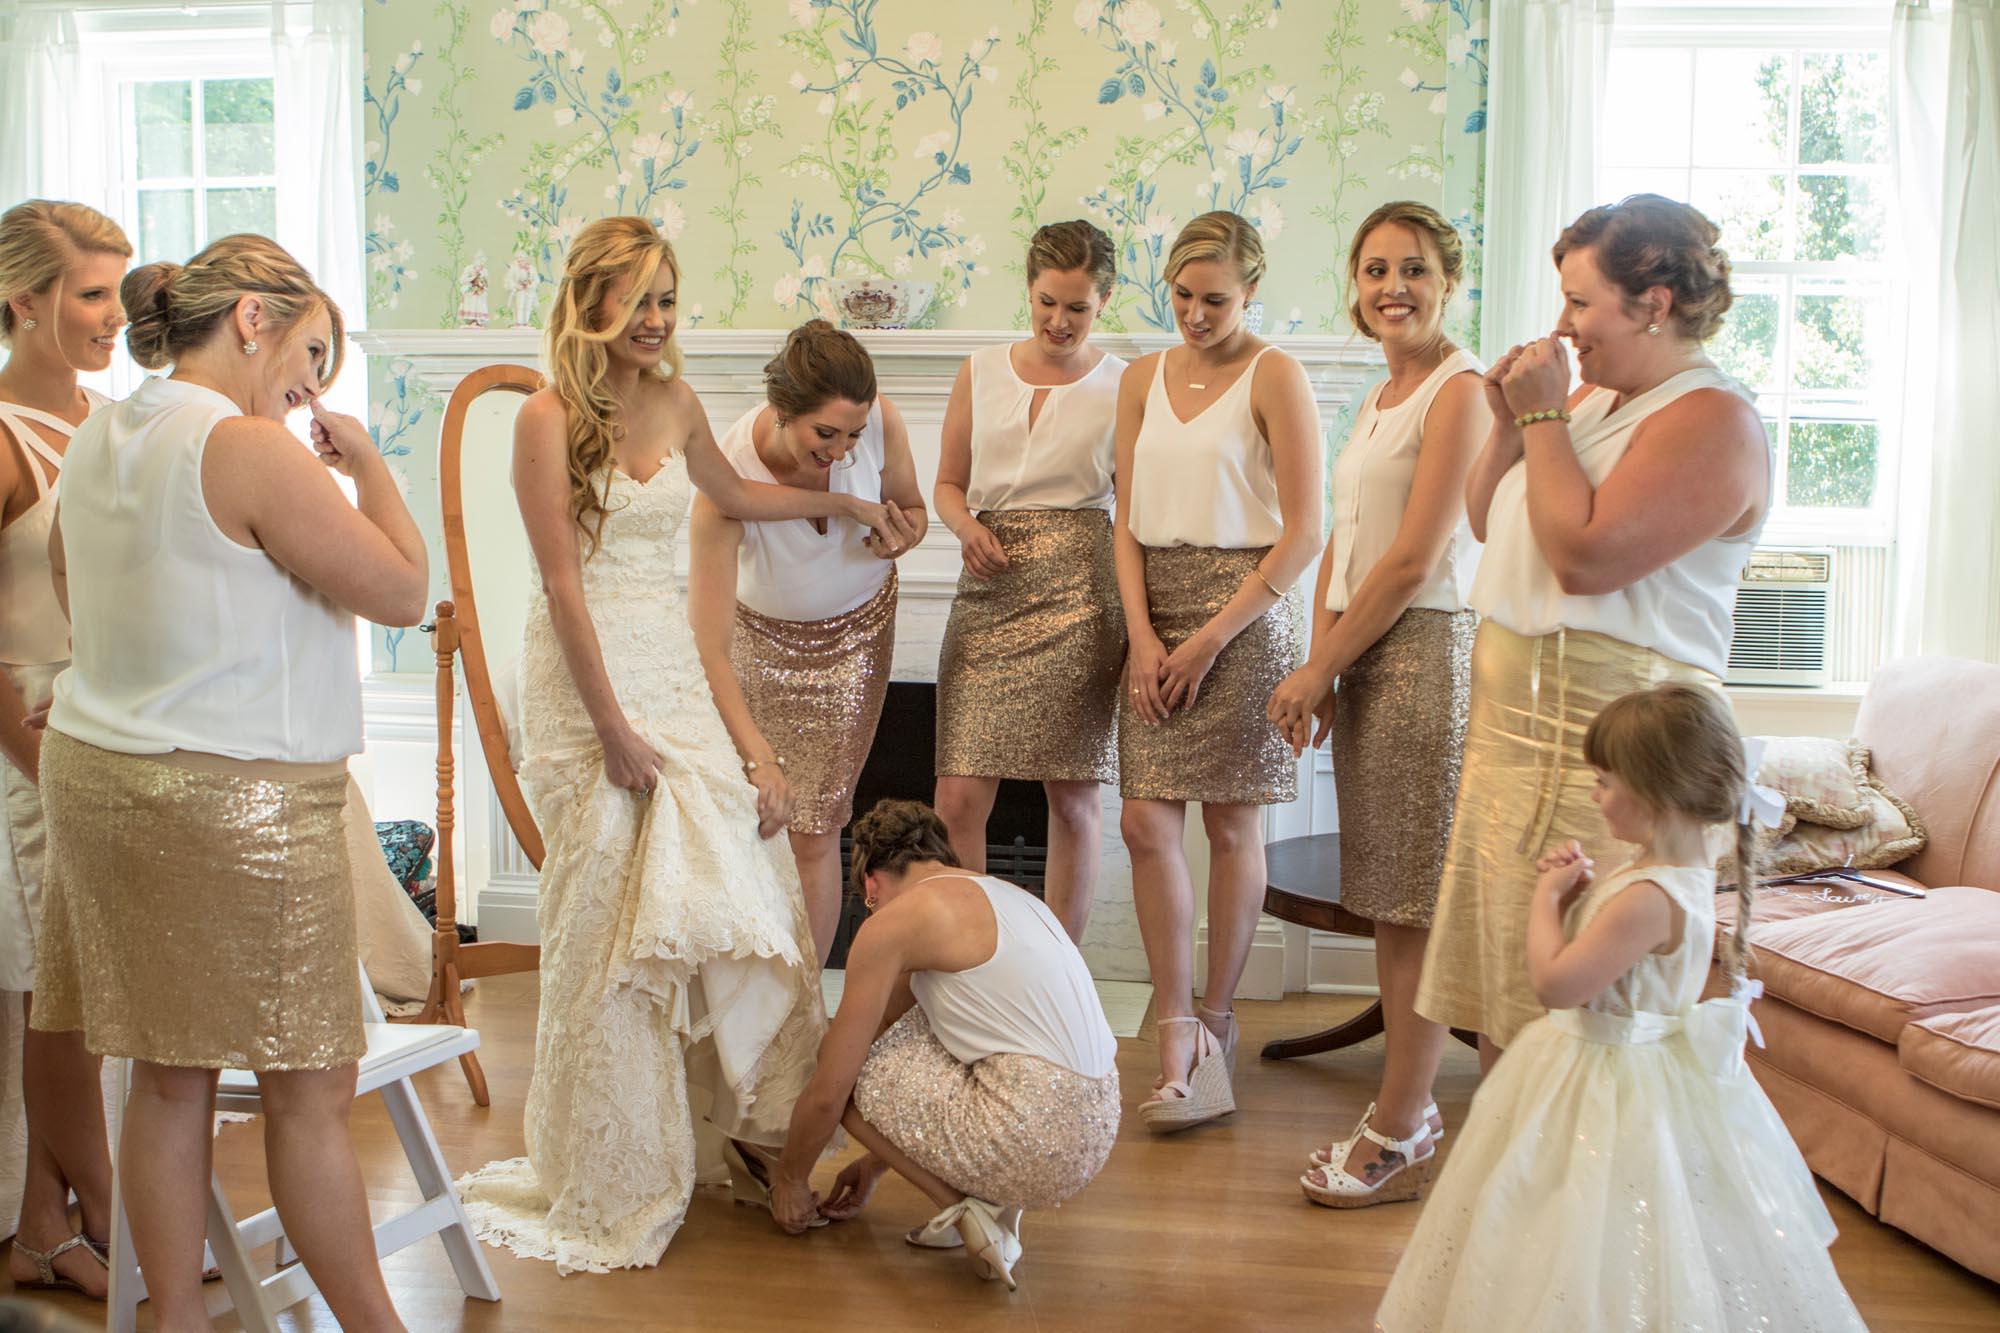 wv-wedding-photographer-sheena-pendley-5810.jpg